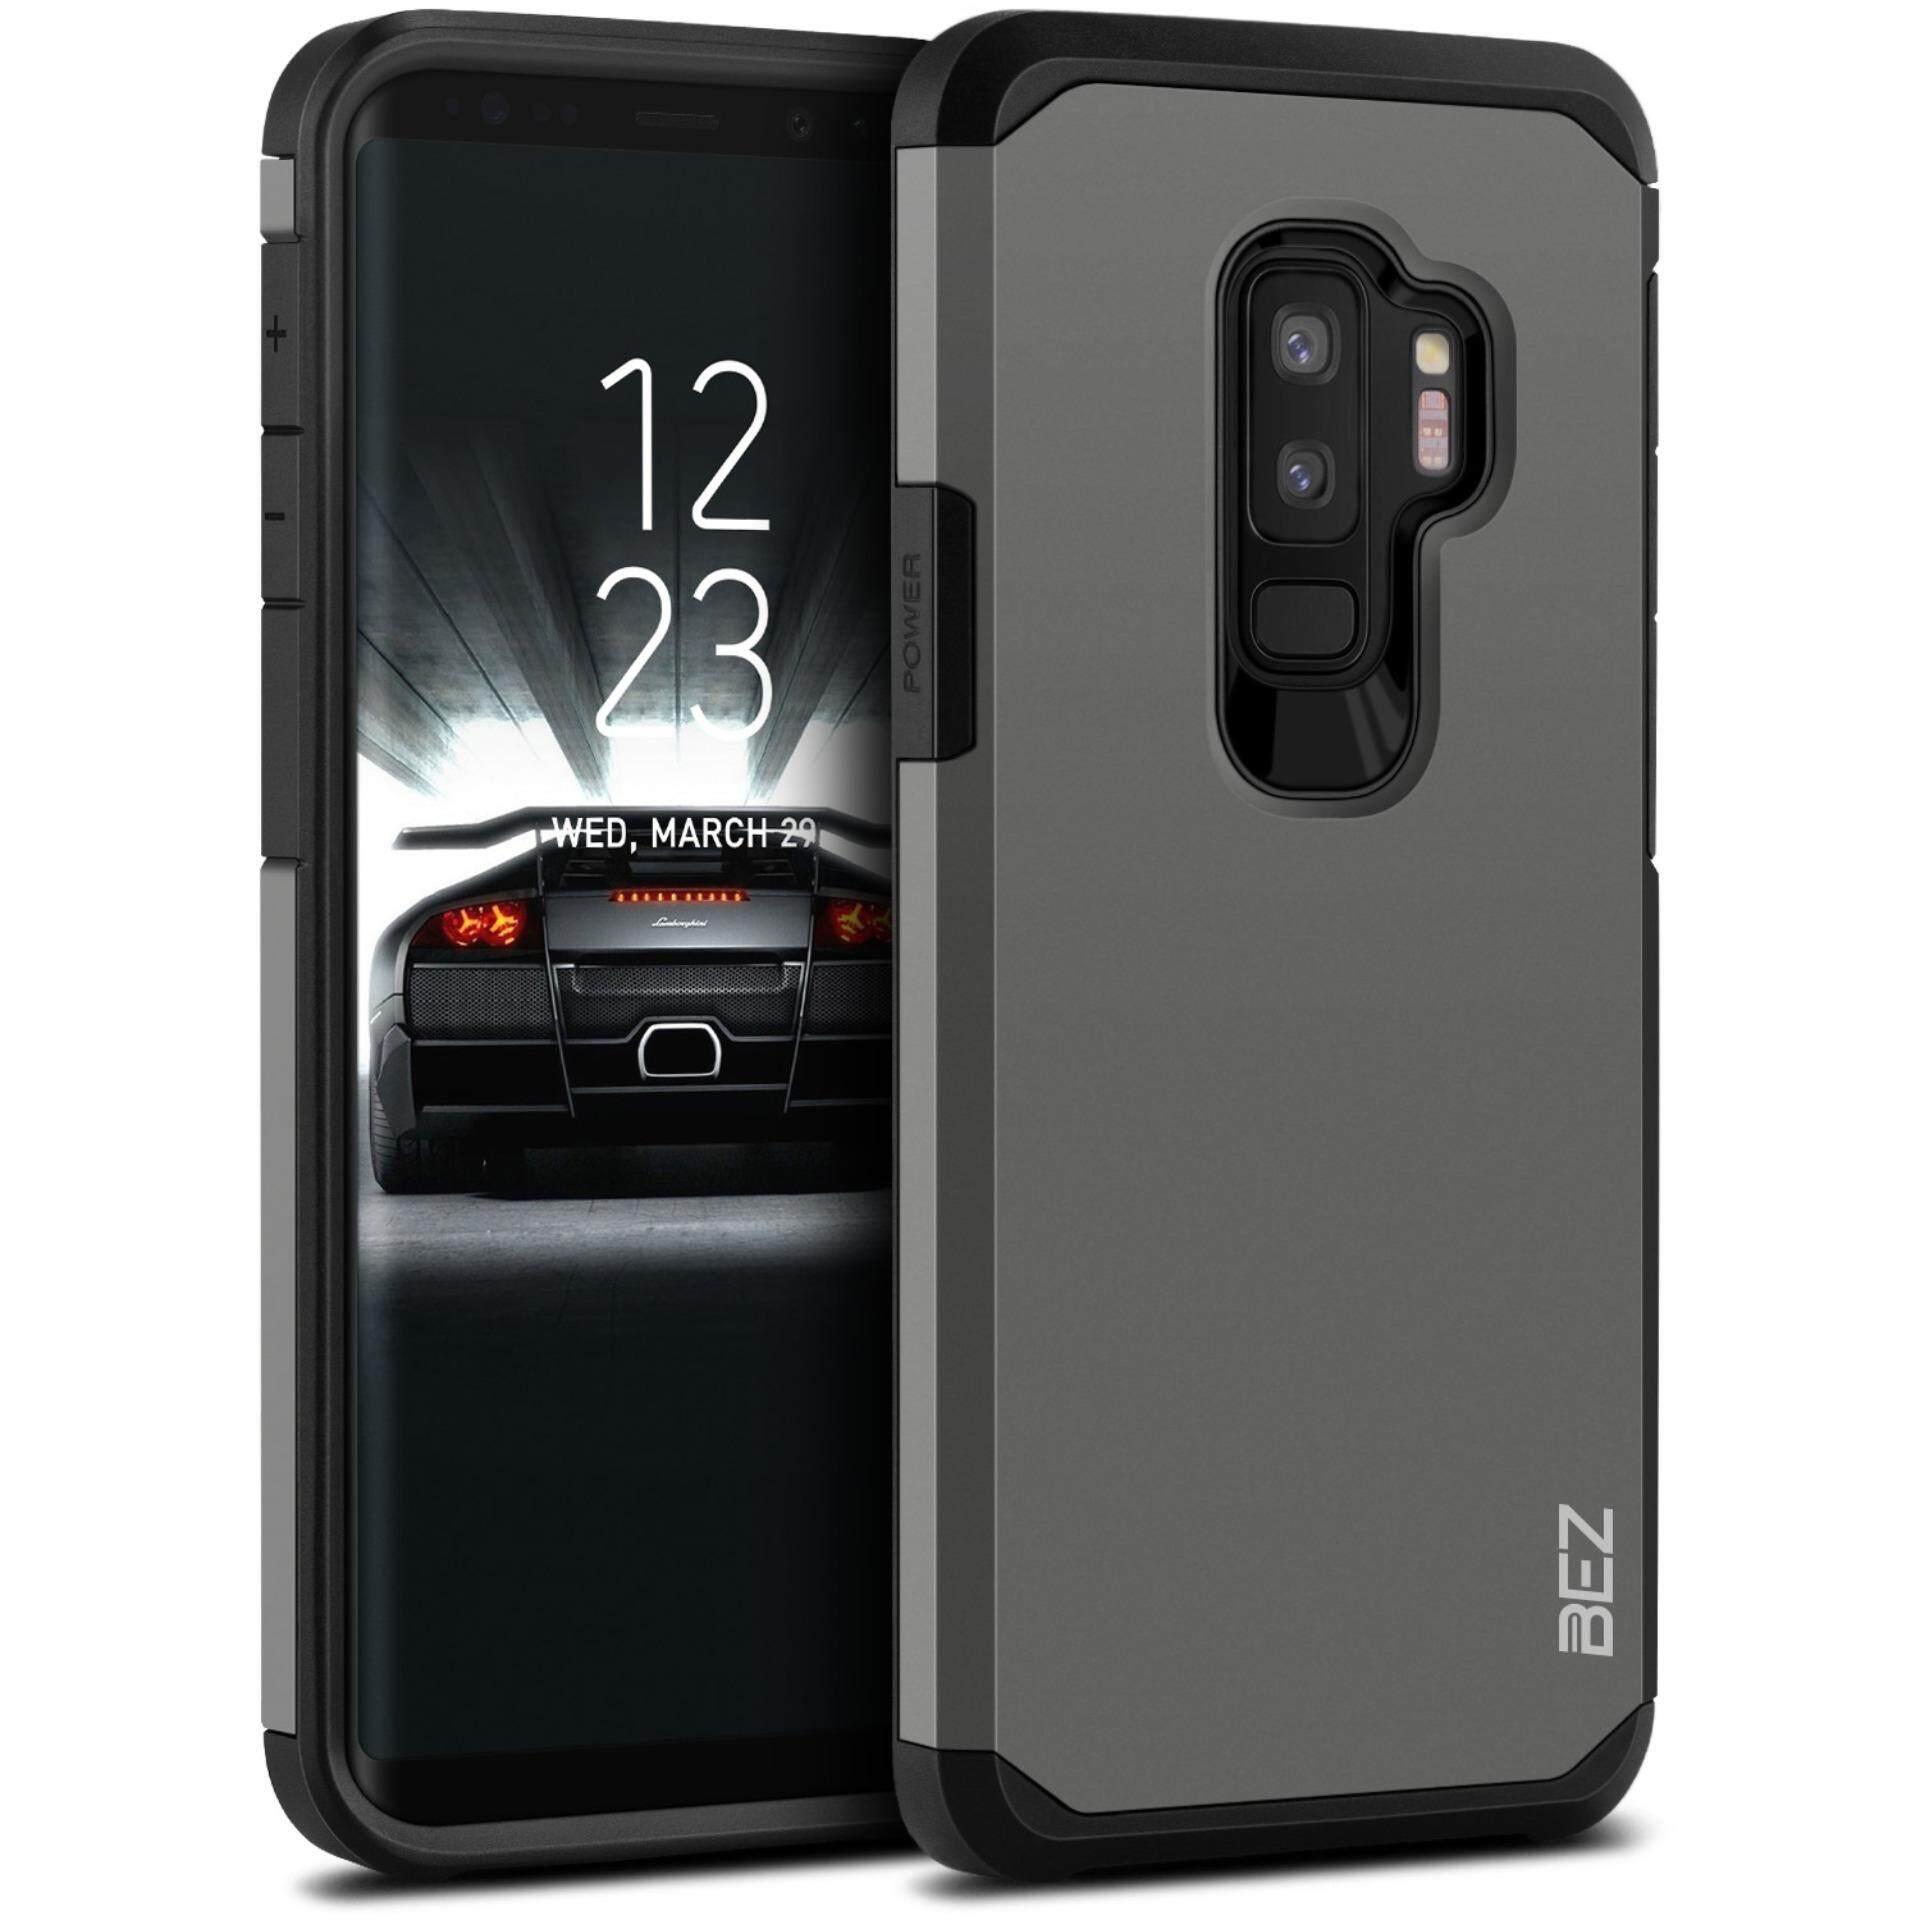 เคส Samsung Galaxy S9 Plus เคสซัมซุง S9+ case Samsung Galaxy S9 Plus BEZ เคสมือถือ เคส ซัมซุง เคสฝาหลัง กันกระแทก  Shockproof Case Dual Layer Tough Cover for Samsung Galaxy S9 Plus // H2-GS9P